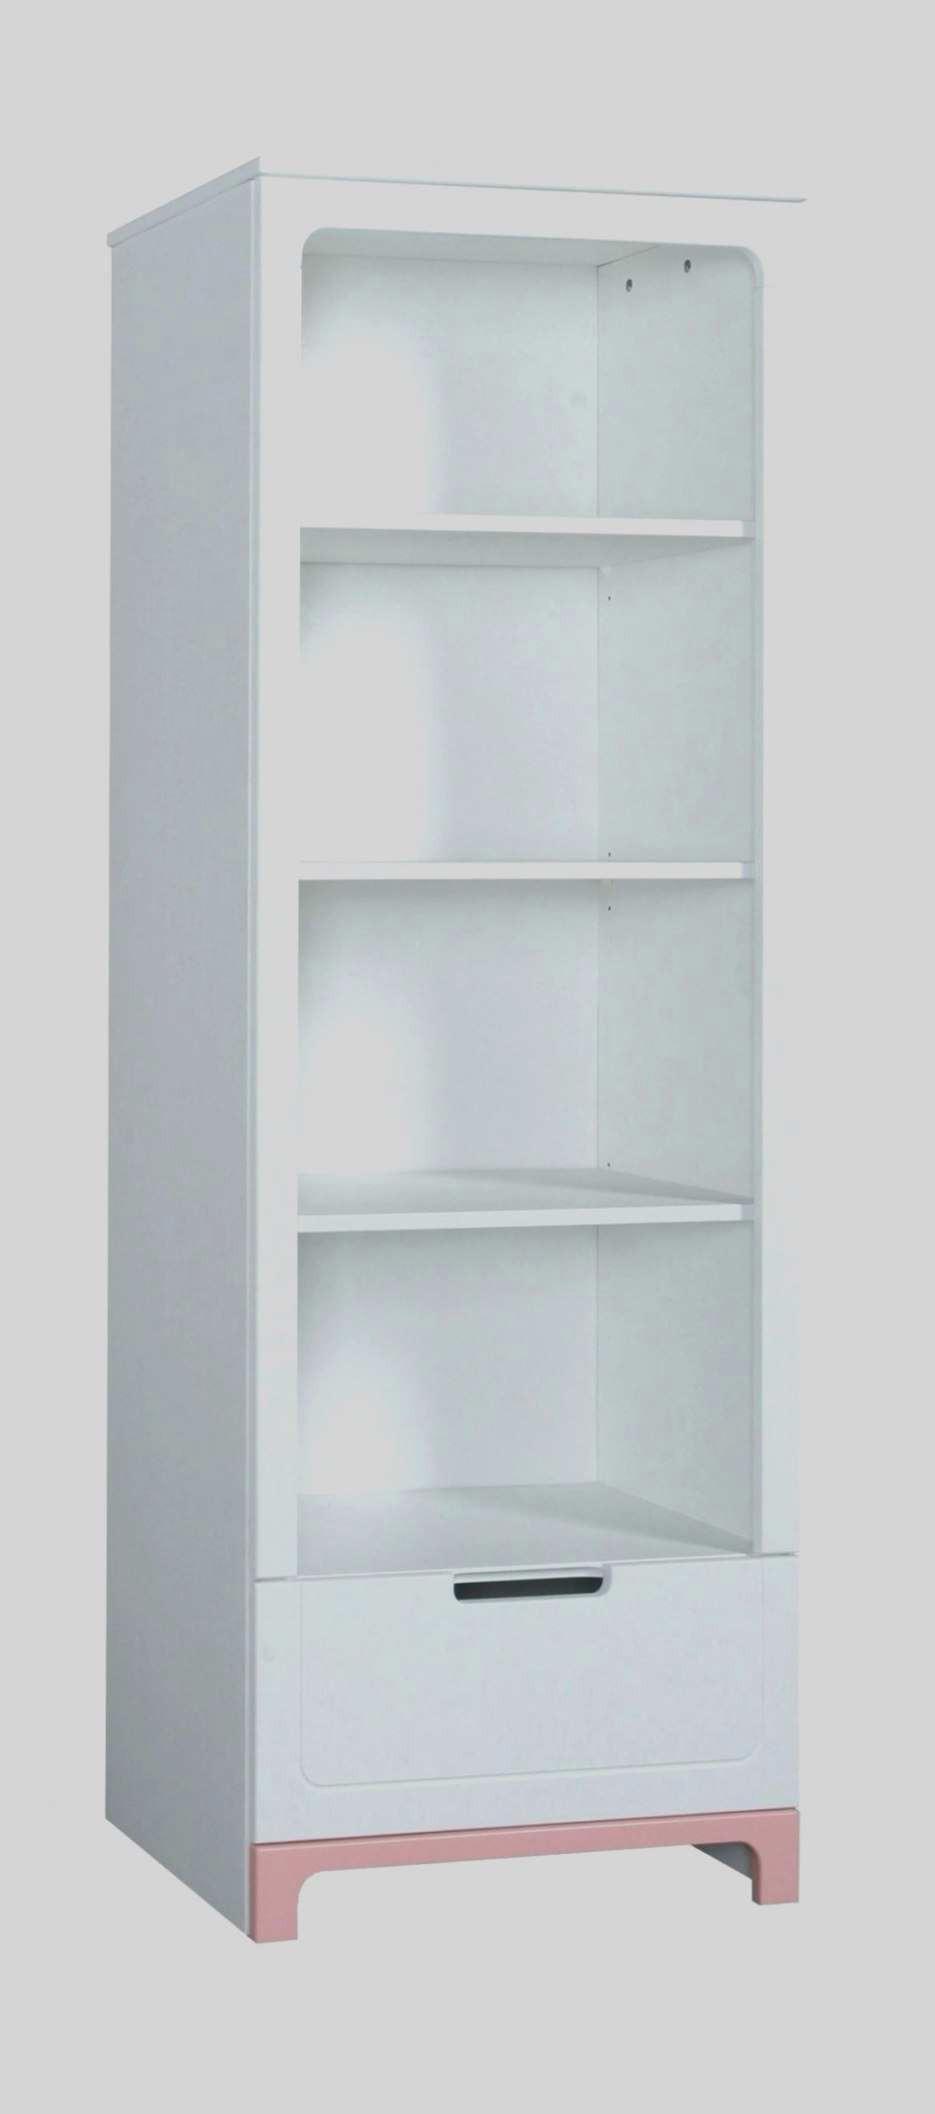 Full Size of Regale Günstig Regal 30 Tief Komplett Schlafzimmer Roller Nach Maß Set Für Dachschrägen Einbauküche Küche Mit Elektrogeräten Bett Kaufen Günstige Sofa Regal Regale Günstig